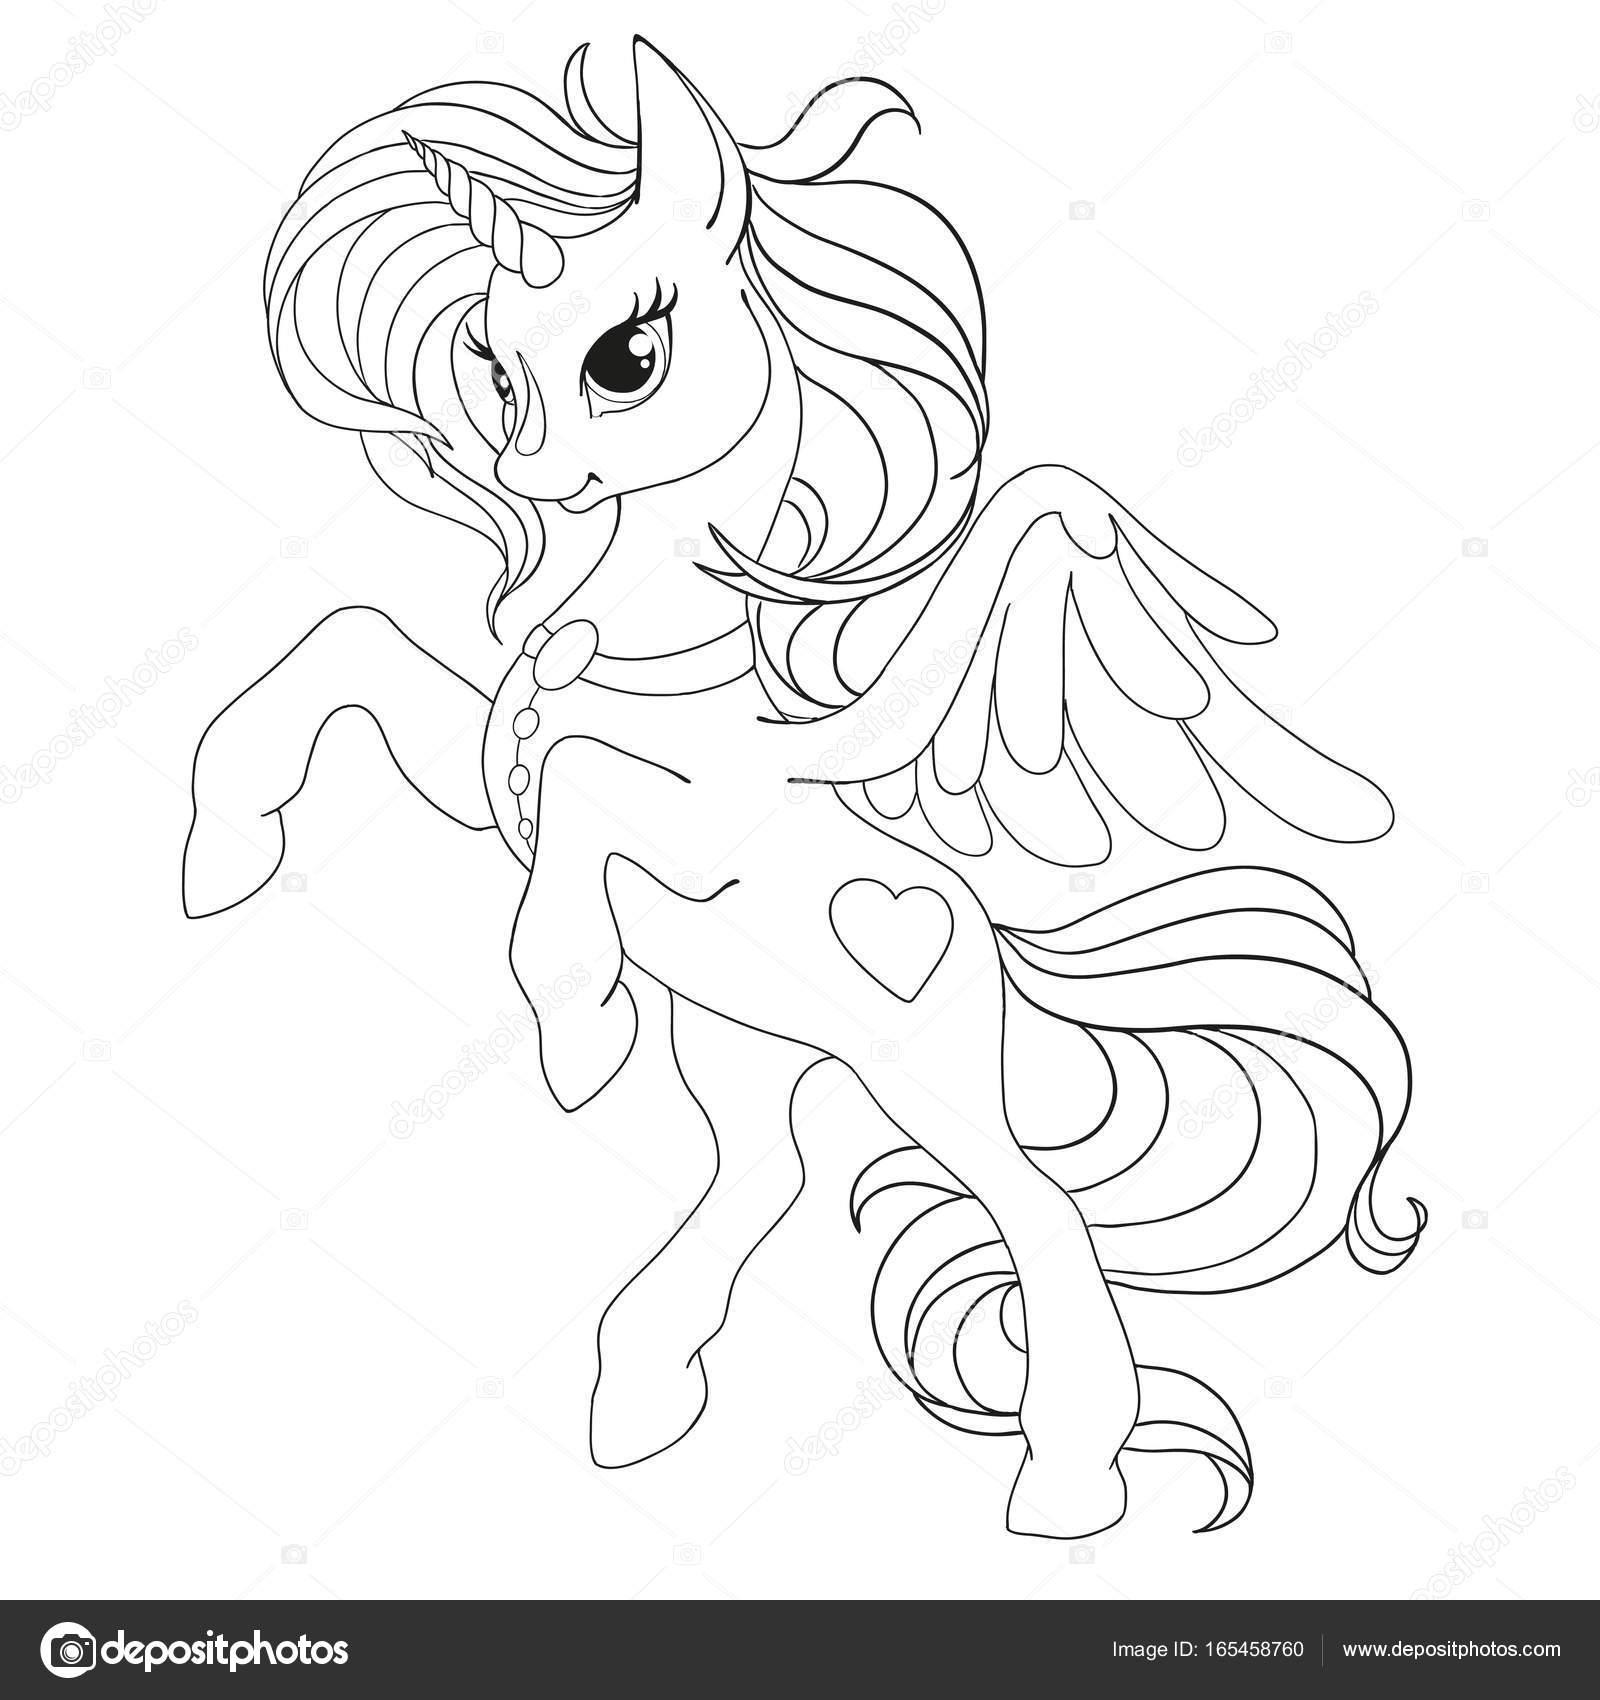 Pagina Del Libro Colorare Unicorno Favoloso Cavallo Con Ali